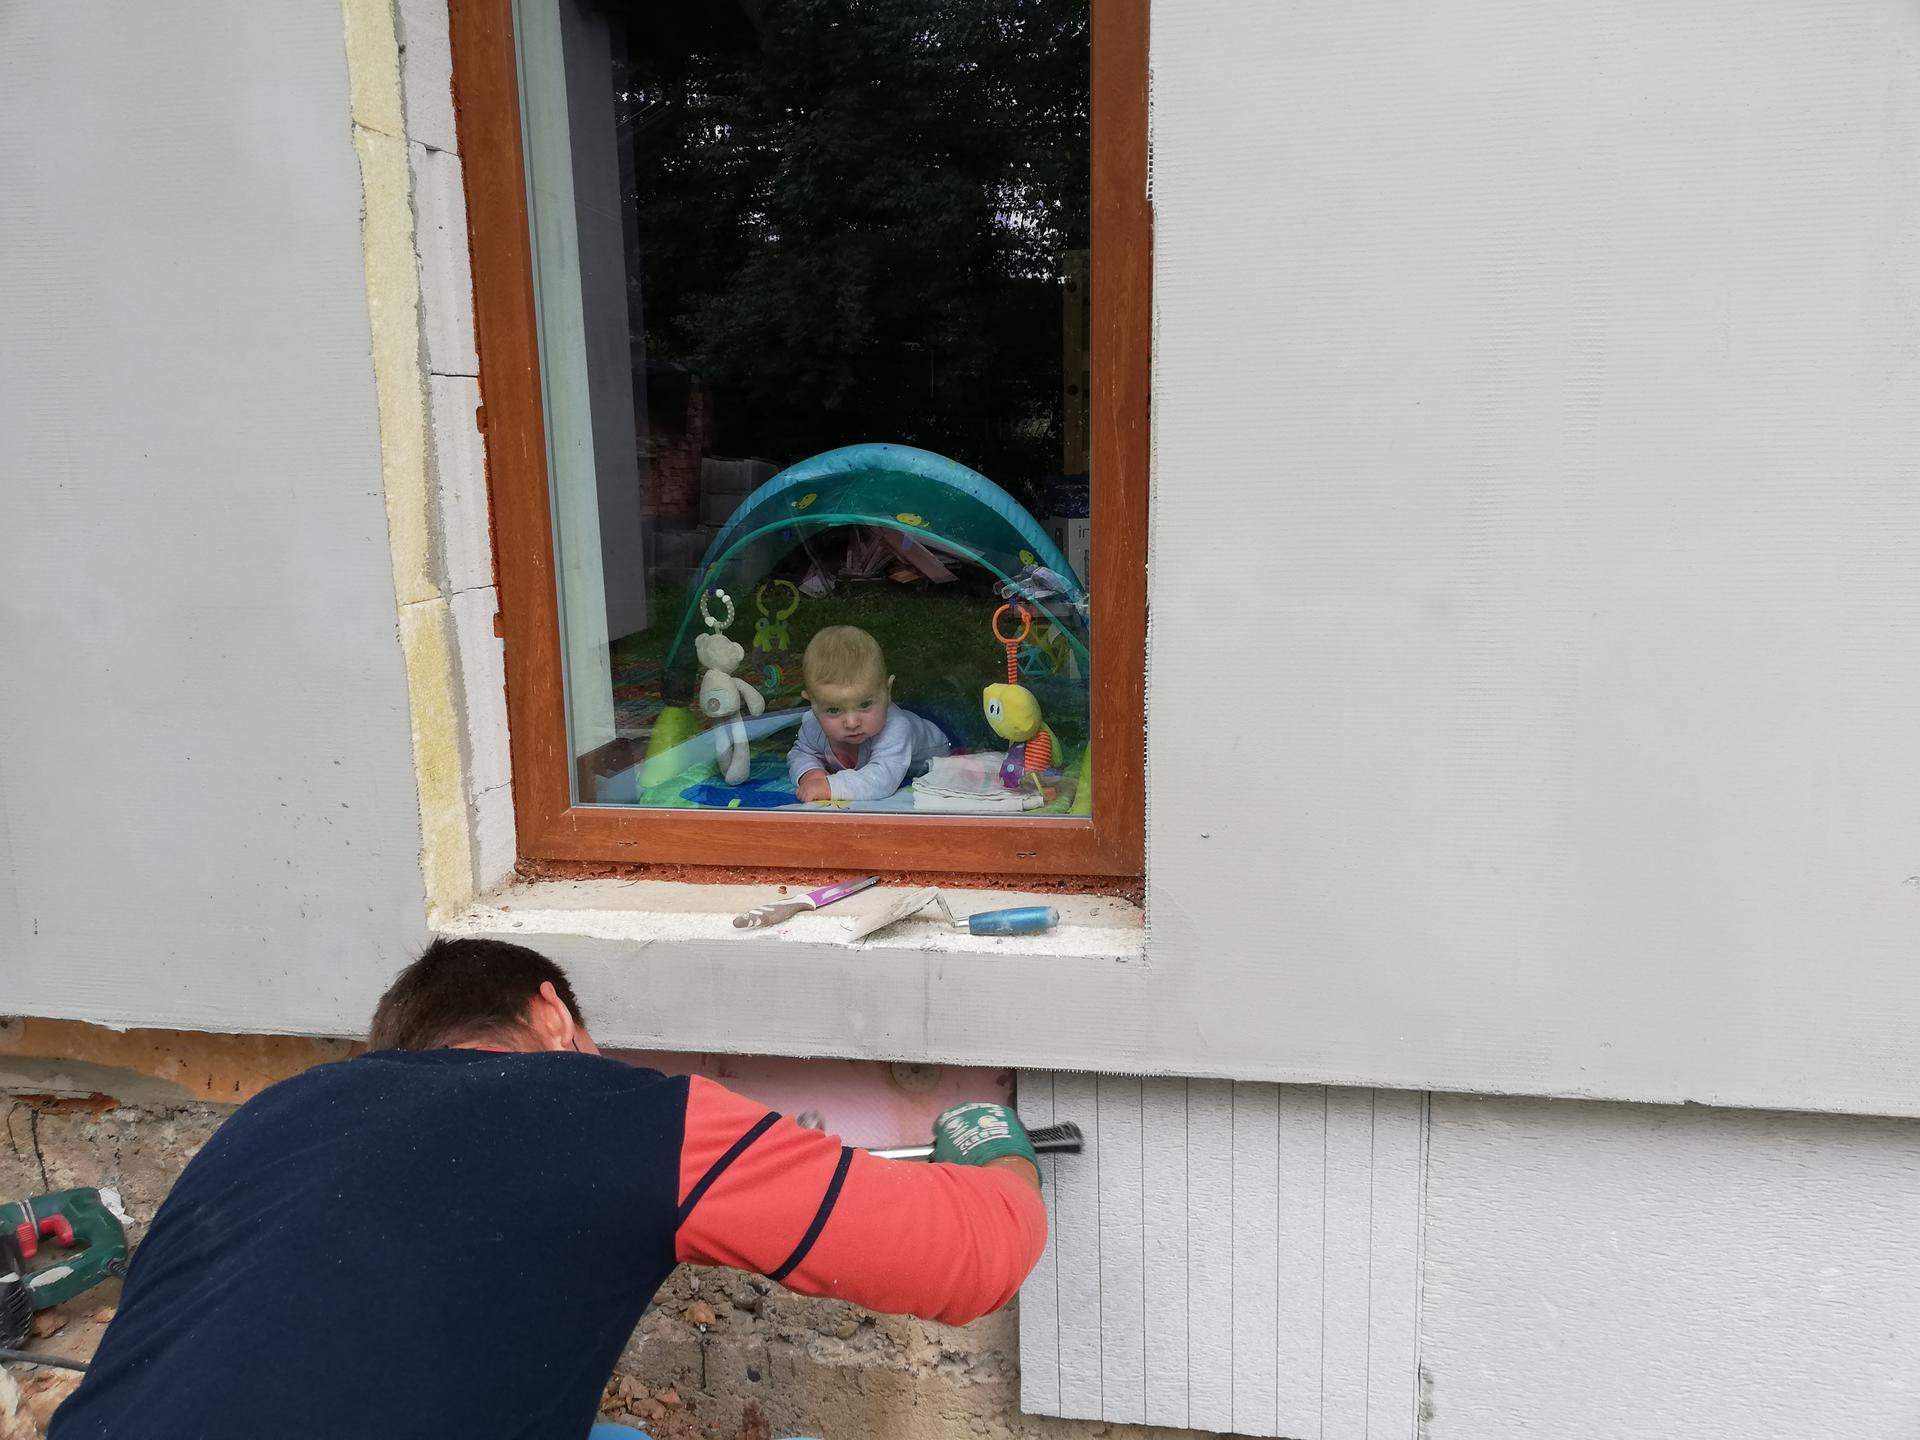 Práce okolo domu a v dome 2020 - Obrázok č. 58